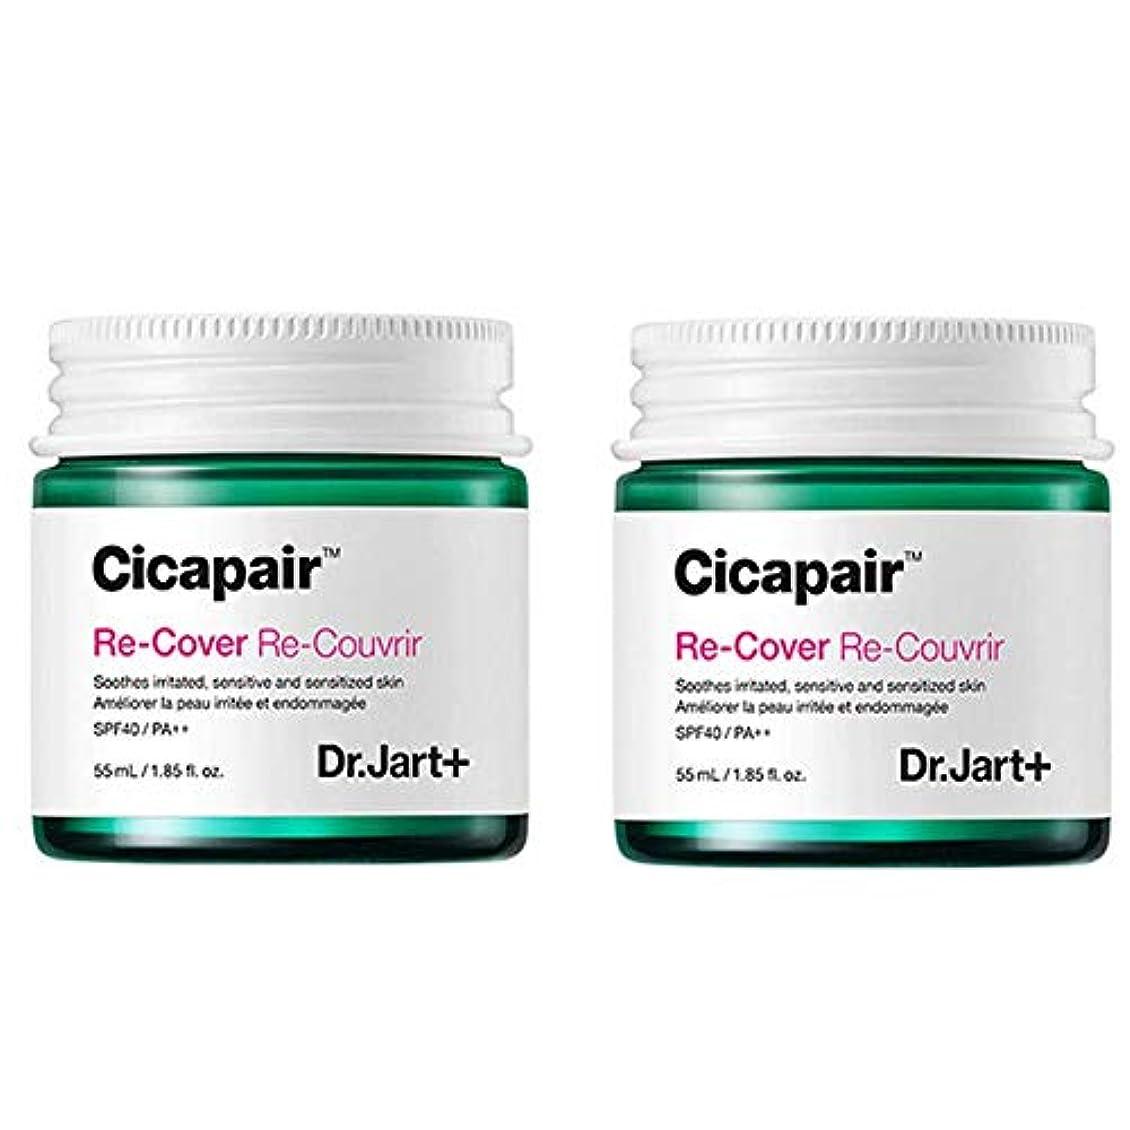 予防接種テレビ局時間Dr.Jart+ Cicapair ReCover X 2 ドクタージャルトシカペアリカバー X 2 (2代目)皮膚回復 紫外線カット 黄砂ケア [並行輸入品]